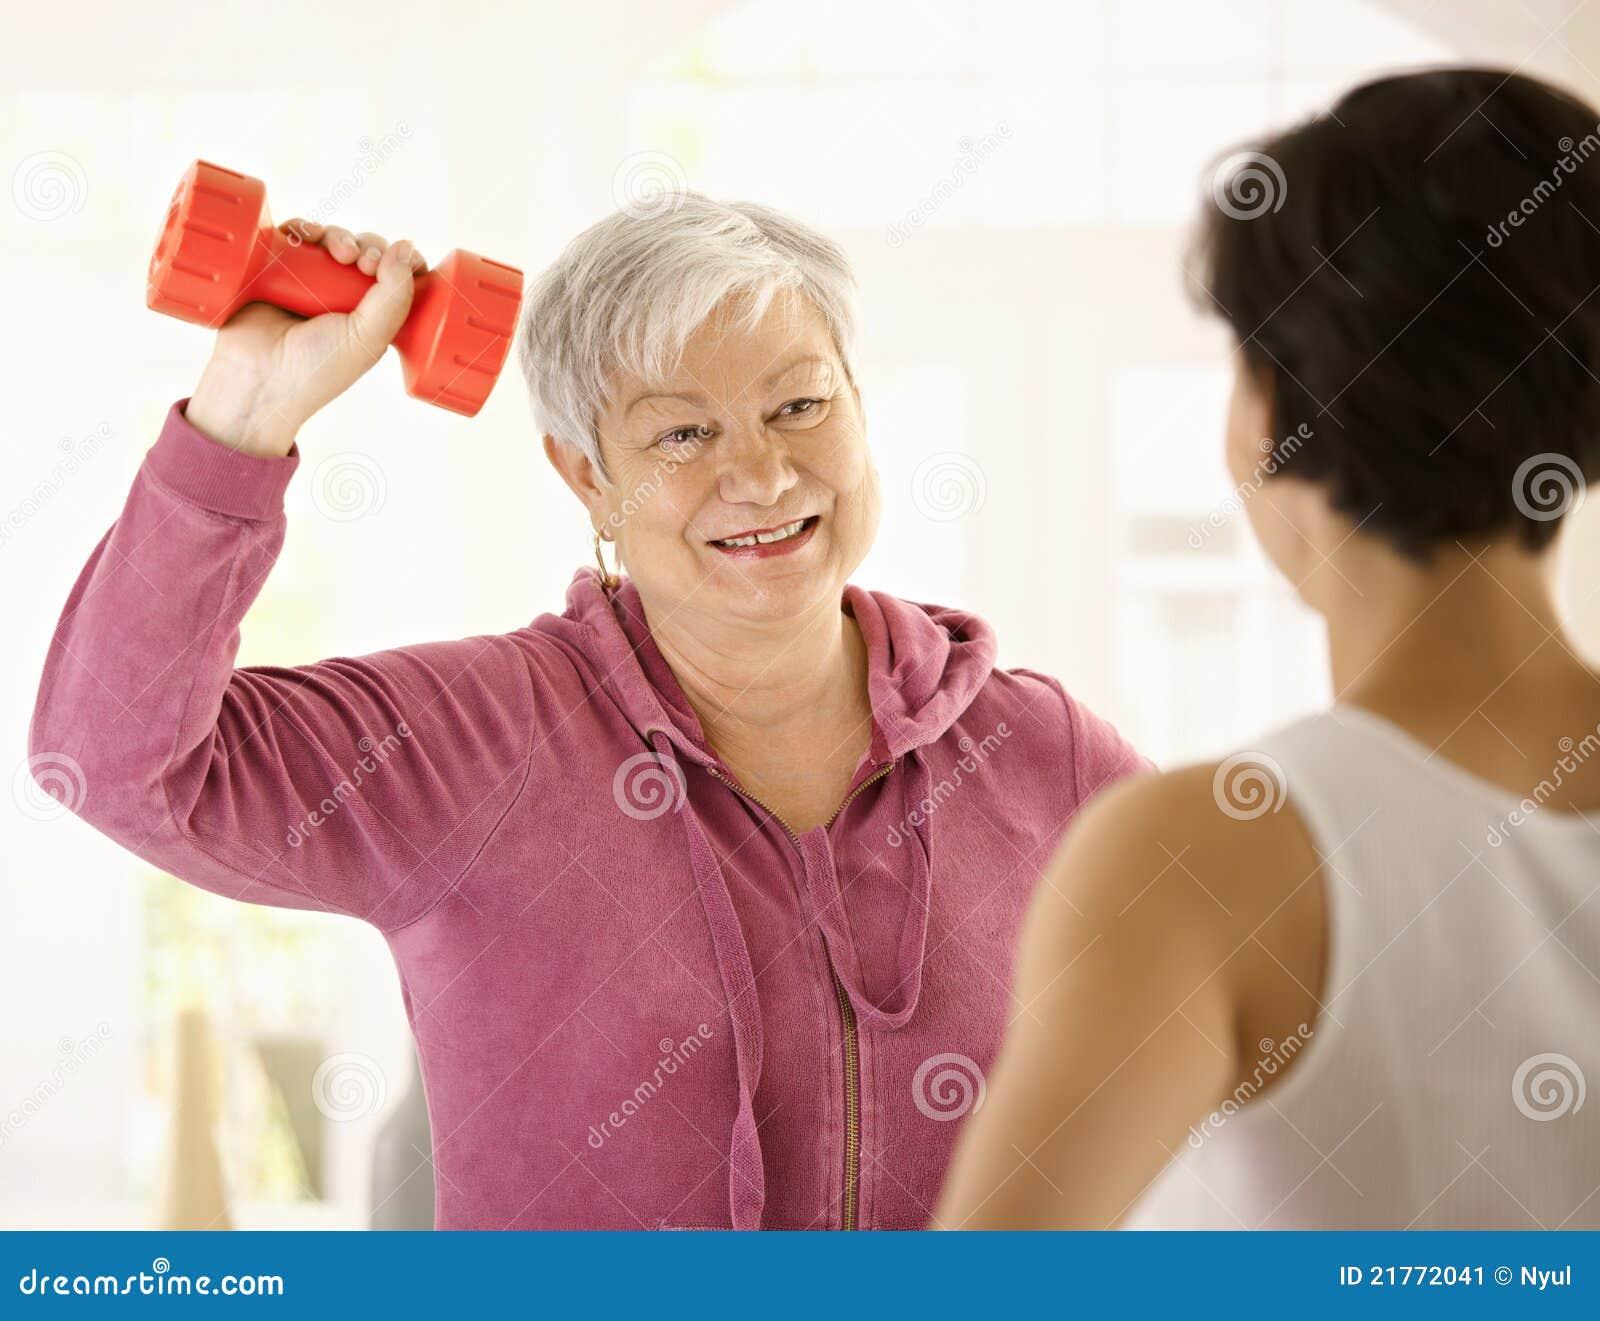 image Las mujeres mayores dominantes hacen joven